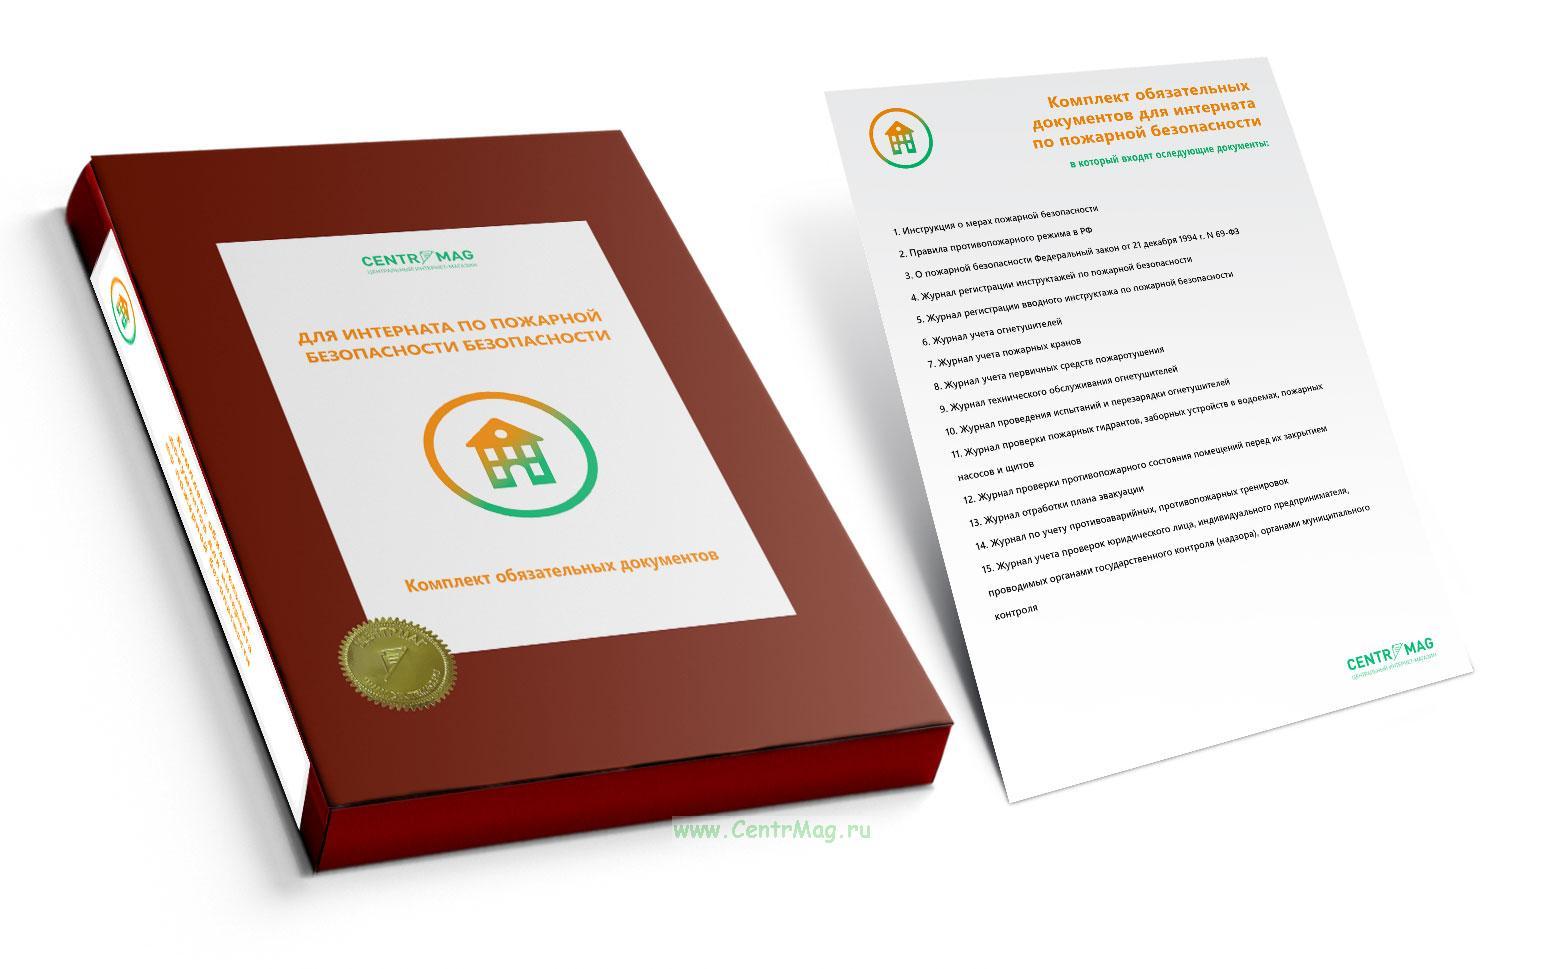 Комплект обязательных документов для интерната по пожарной безопасности